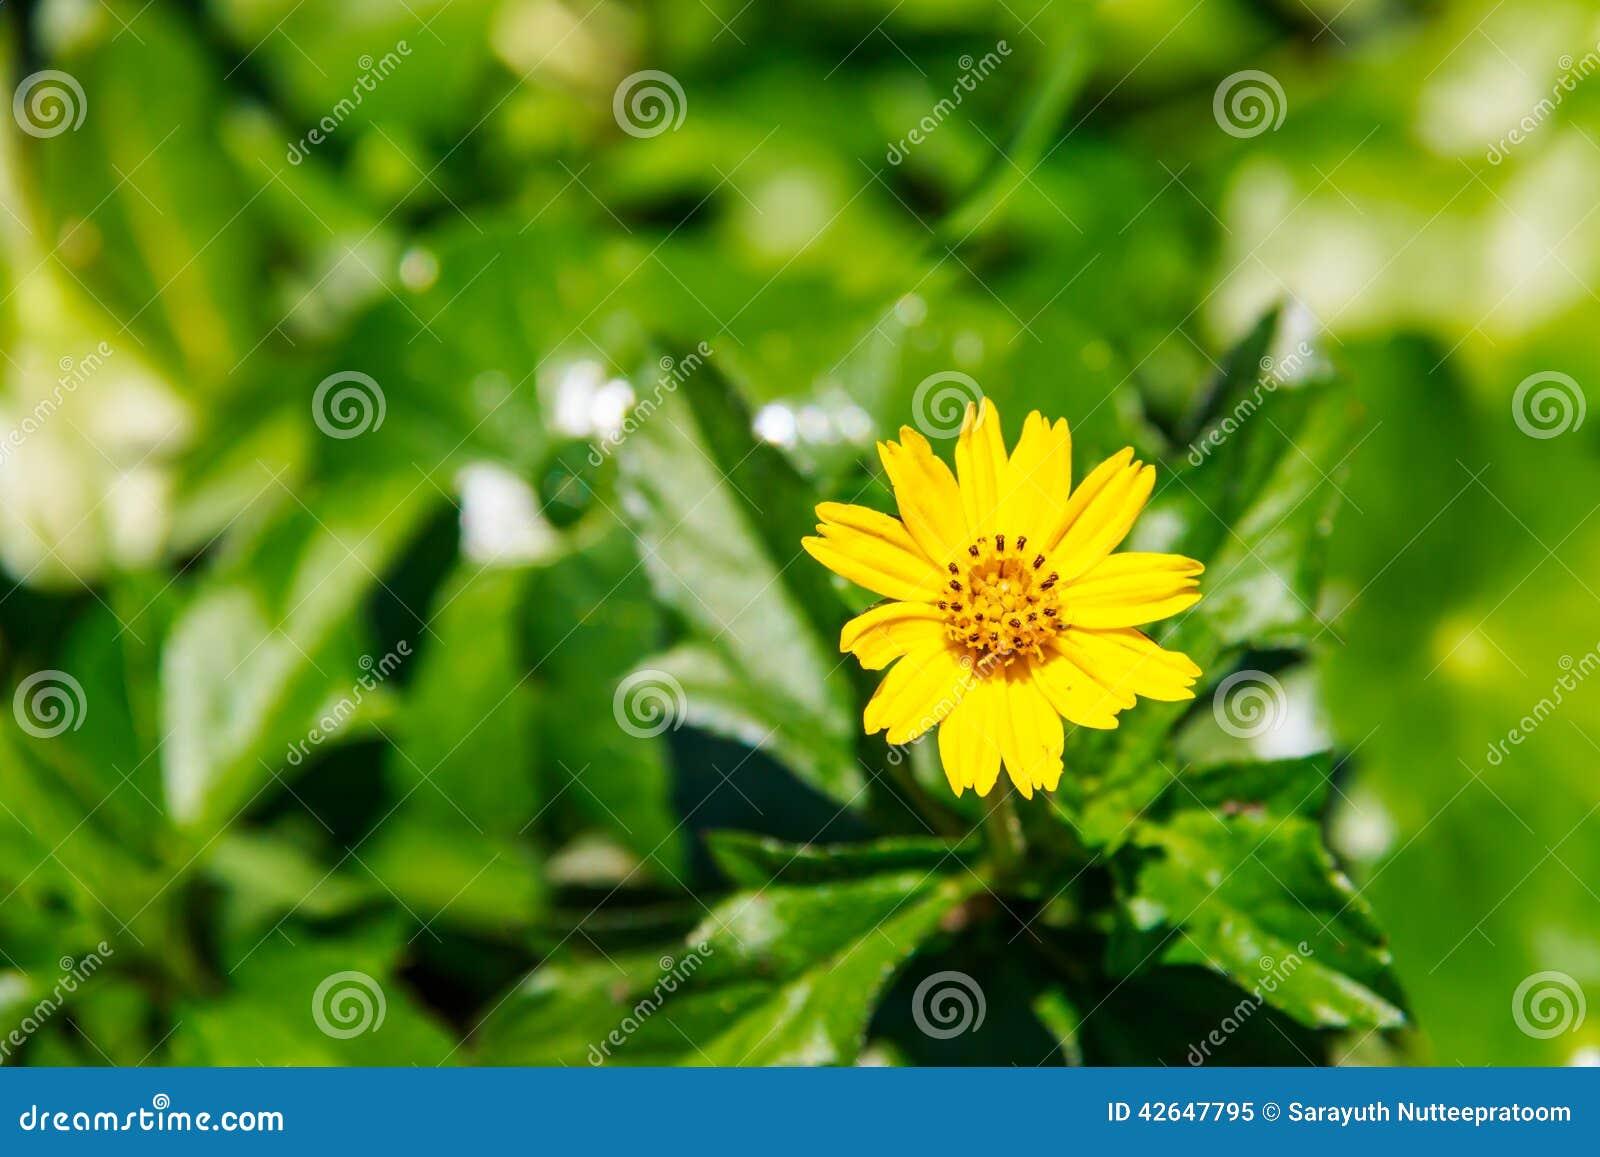 小黃色春天開花背景,特寫鏡頭.圖片